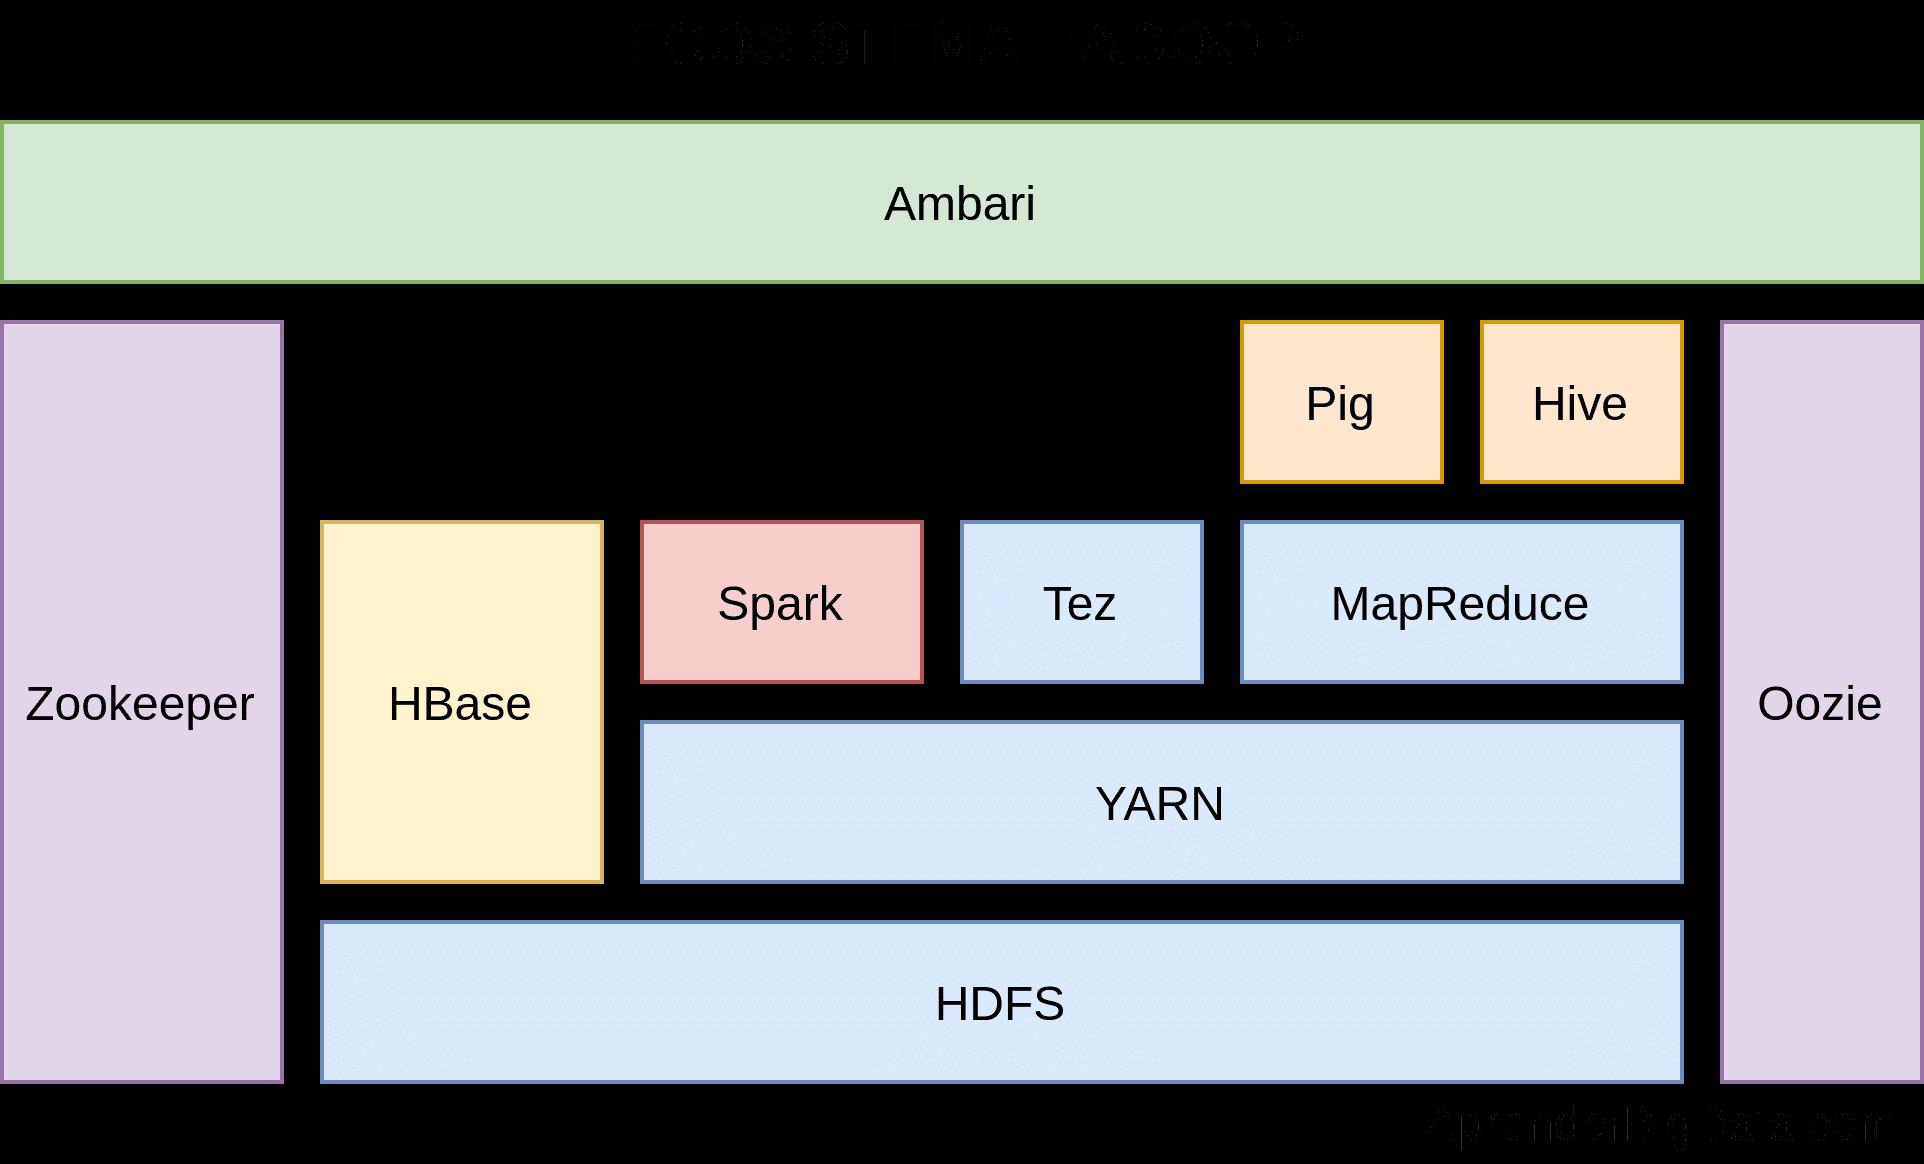 Hadoop ecosistema y componentes